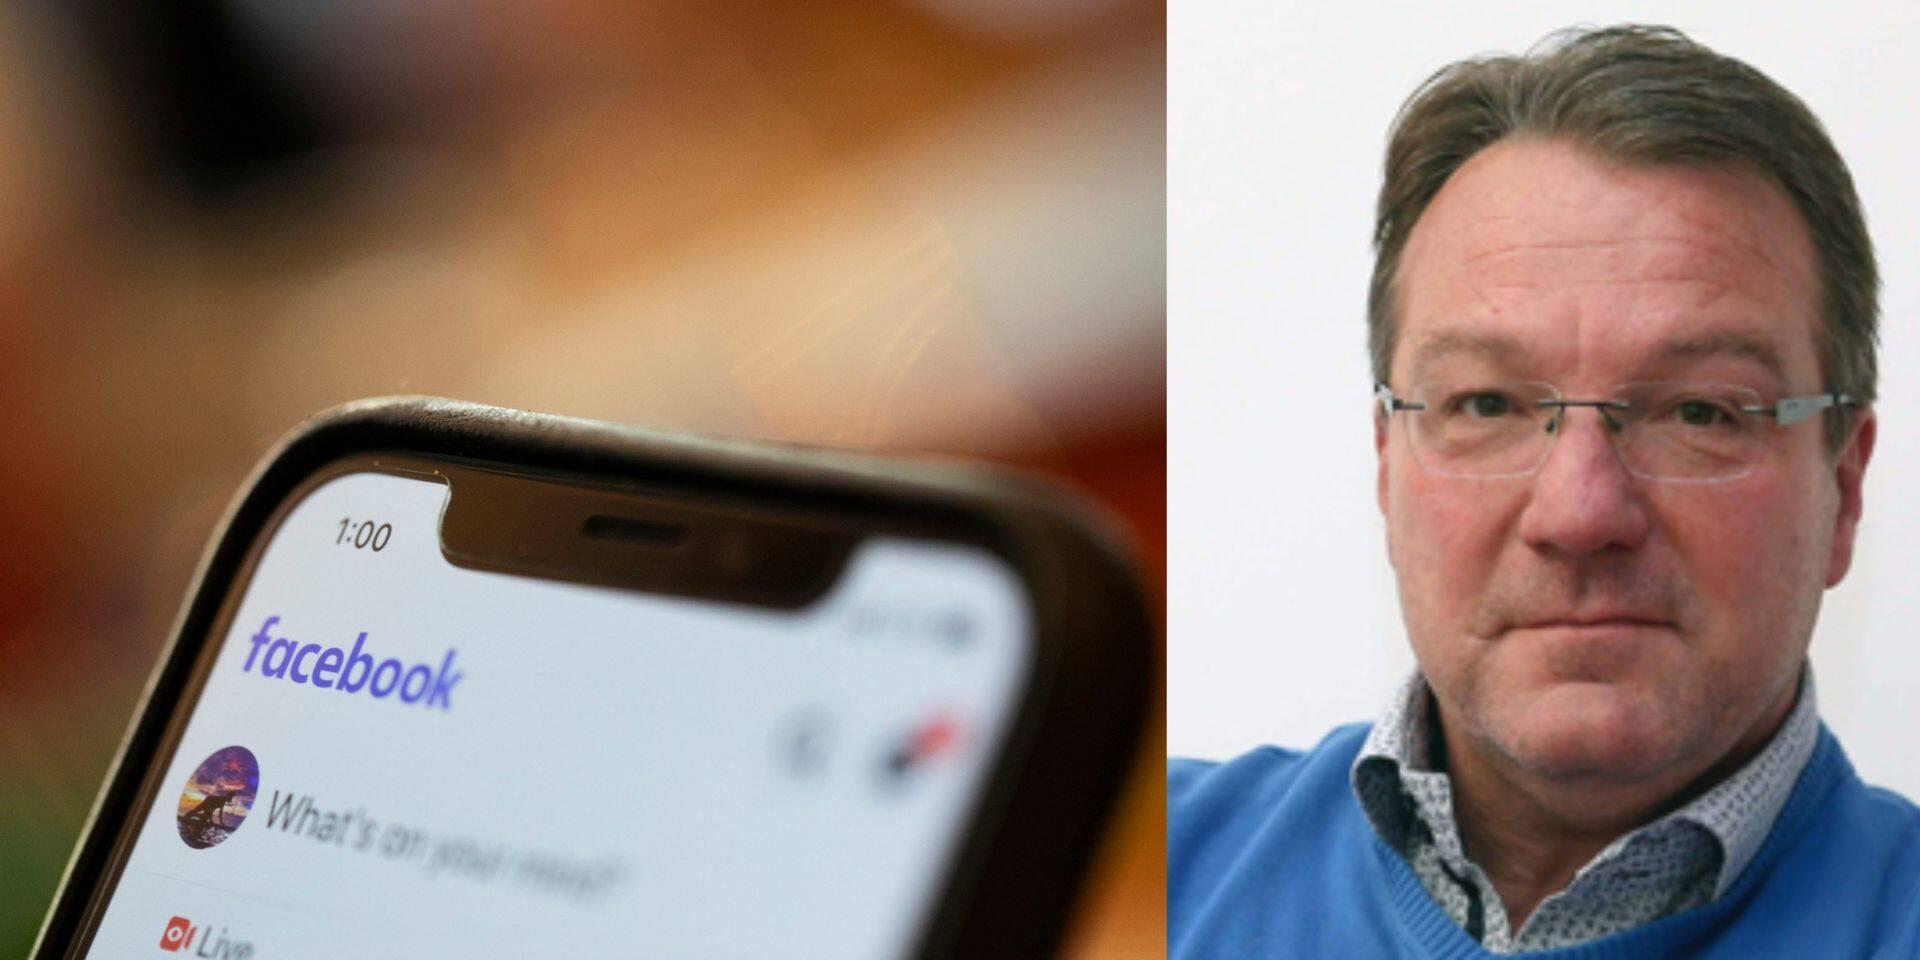 Le téléphone pleure : tous en détox digitale